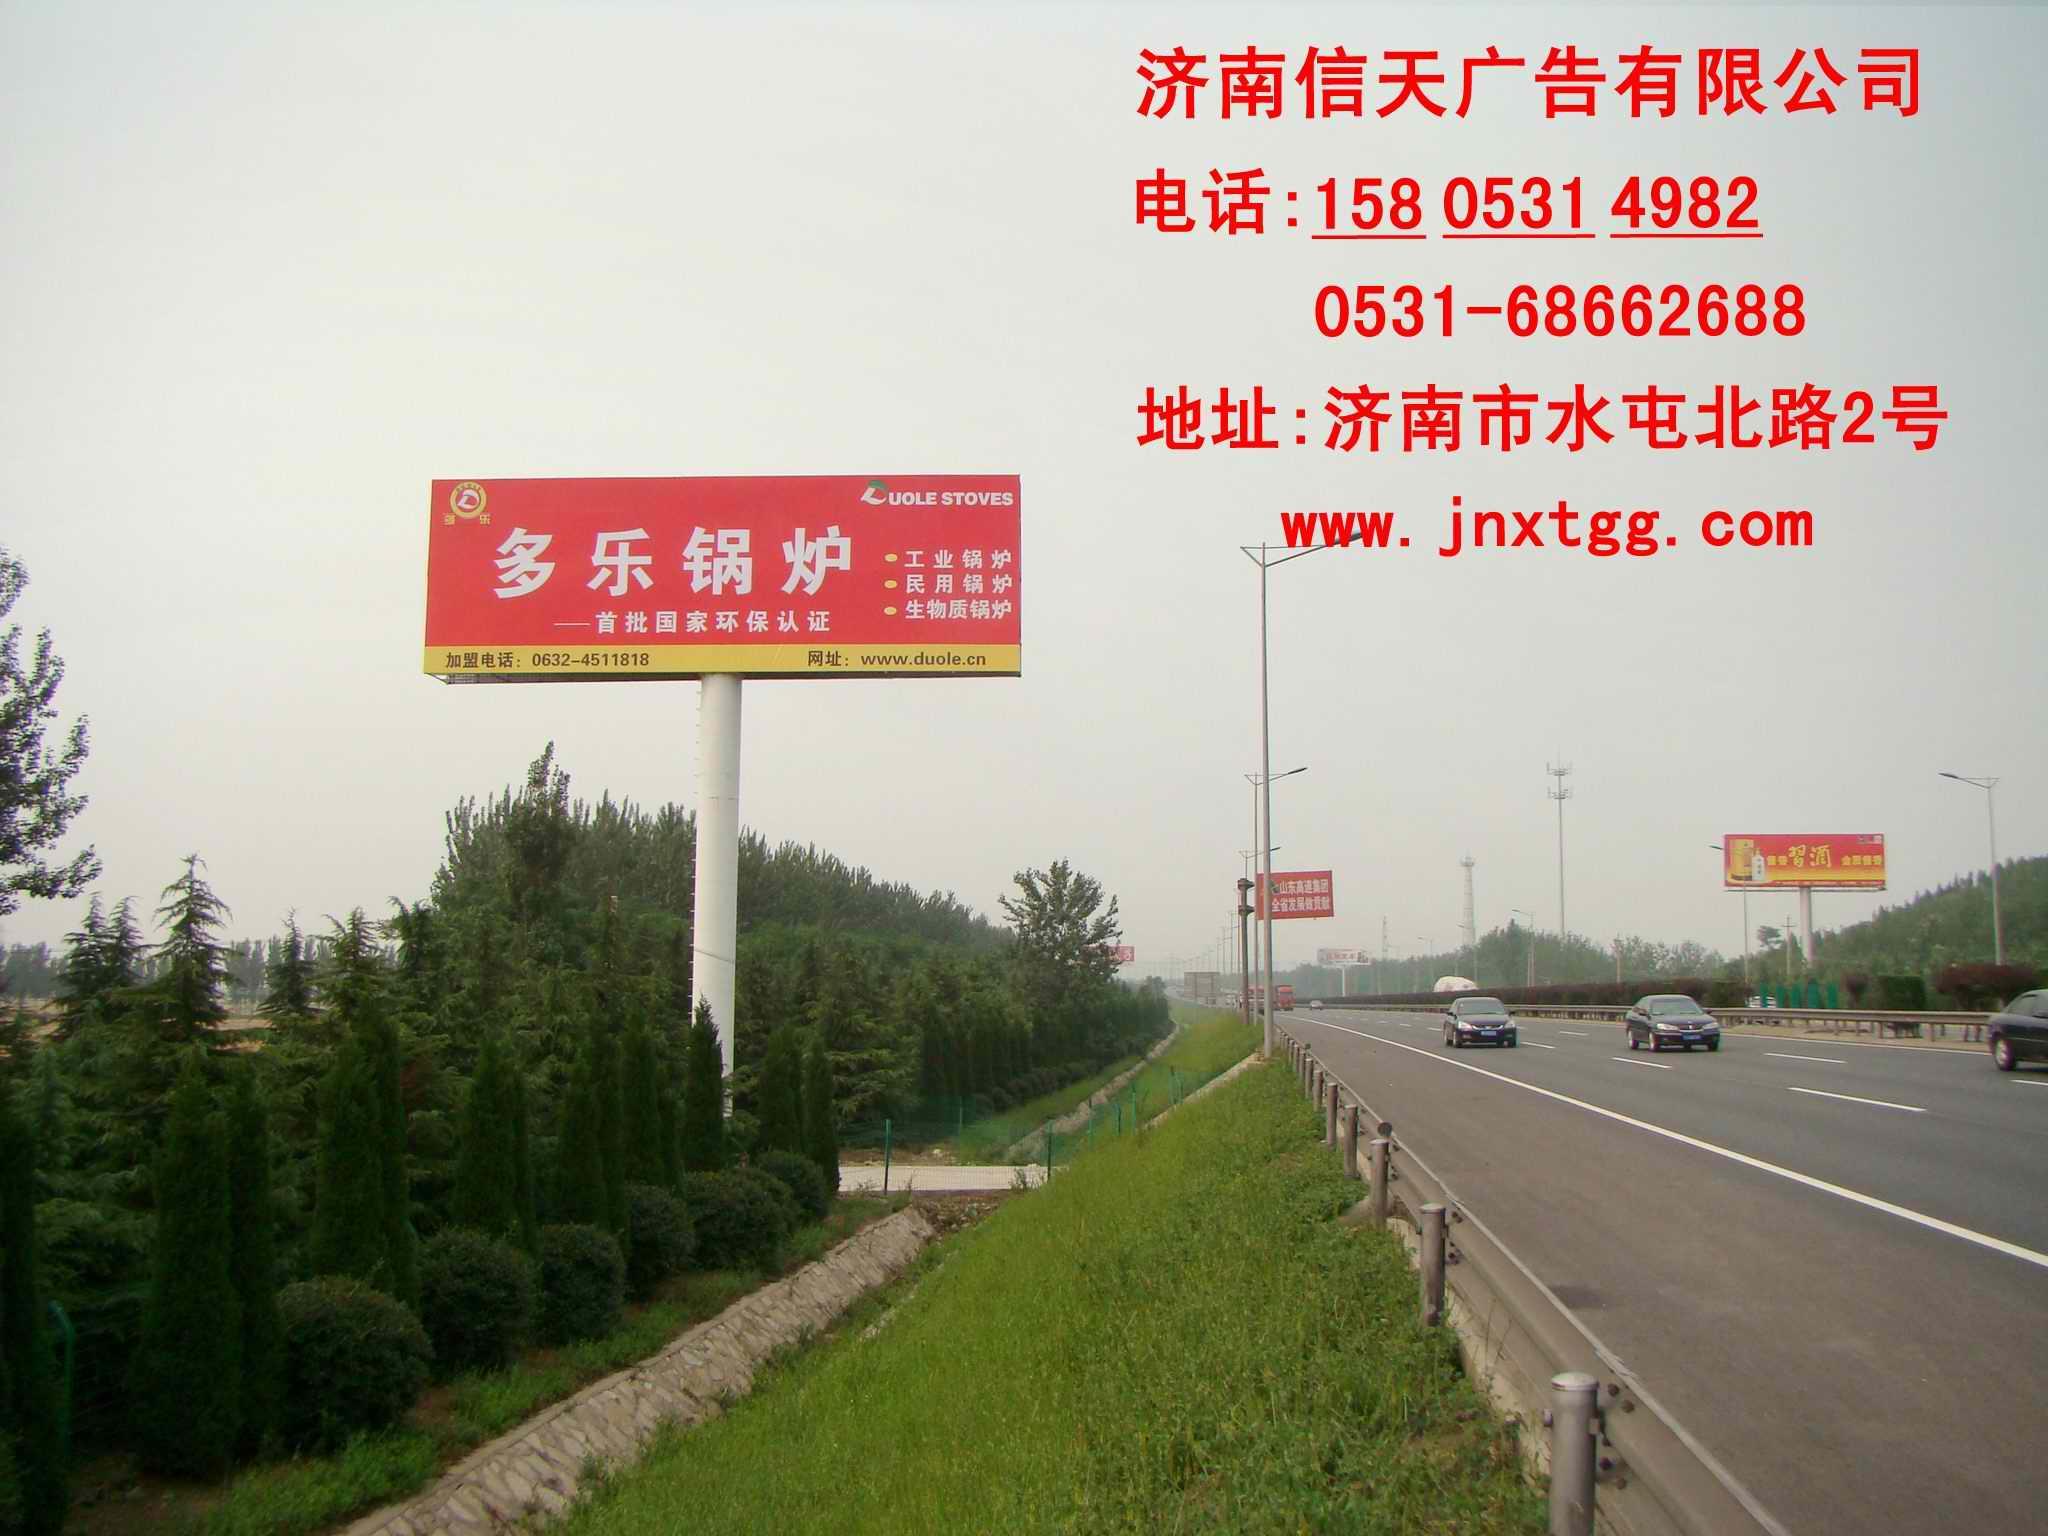 供应单立柱广告牌,济南单立柱招商,单立柱制作,户外高速路广告图片